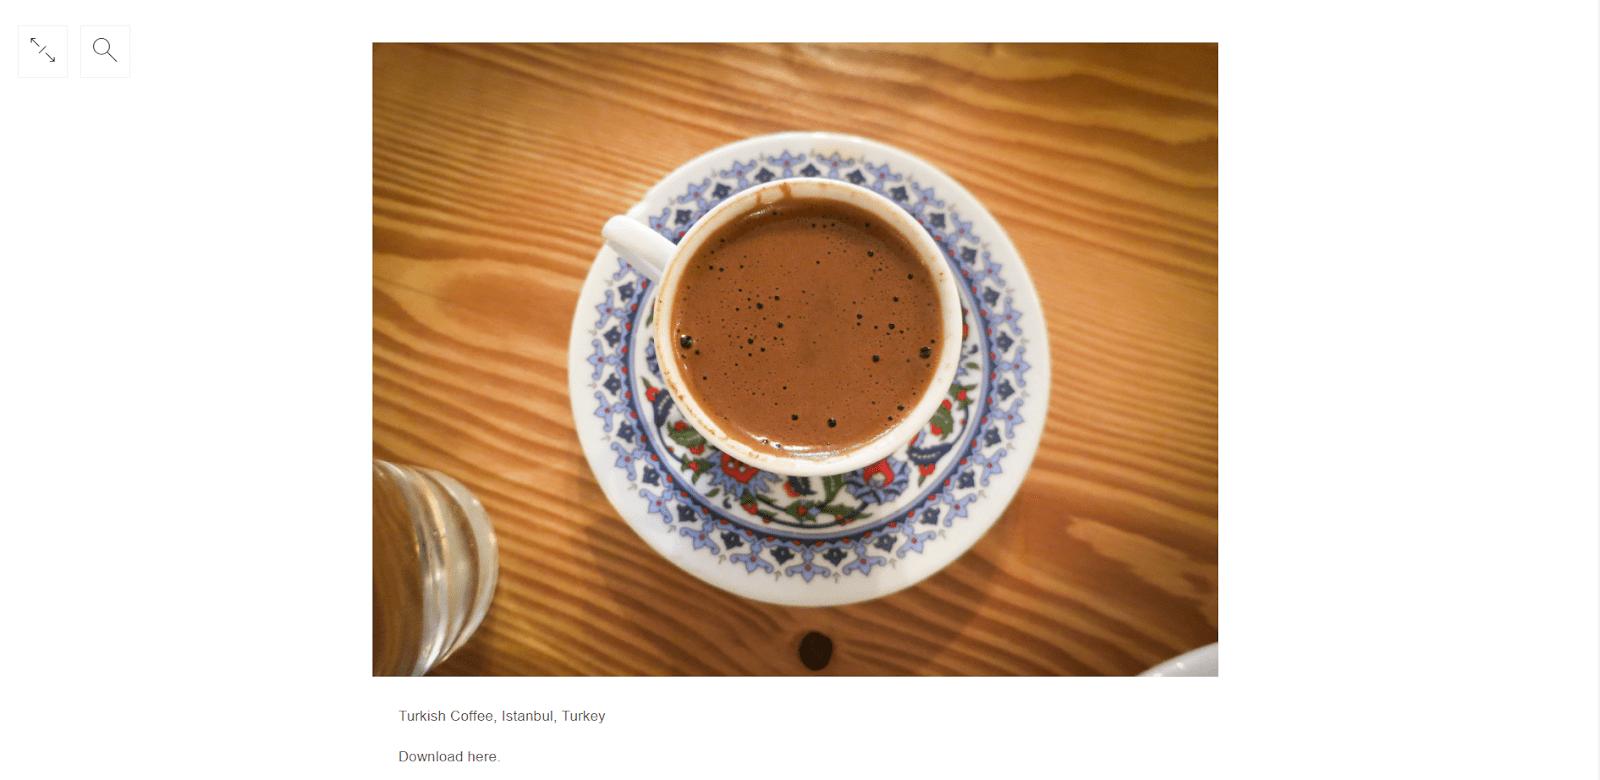 Ароматный турецкий кофе по запросу «Турция». Минималистичный дизайн сайта не отвлекает от просмотра фотографий